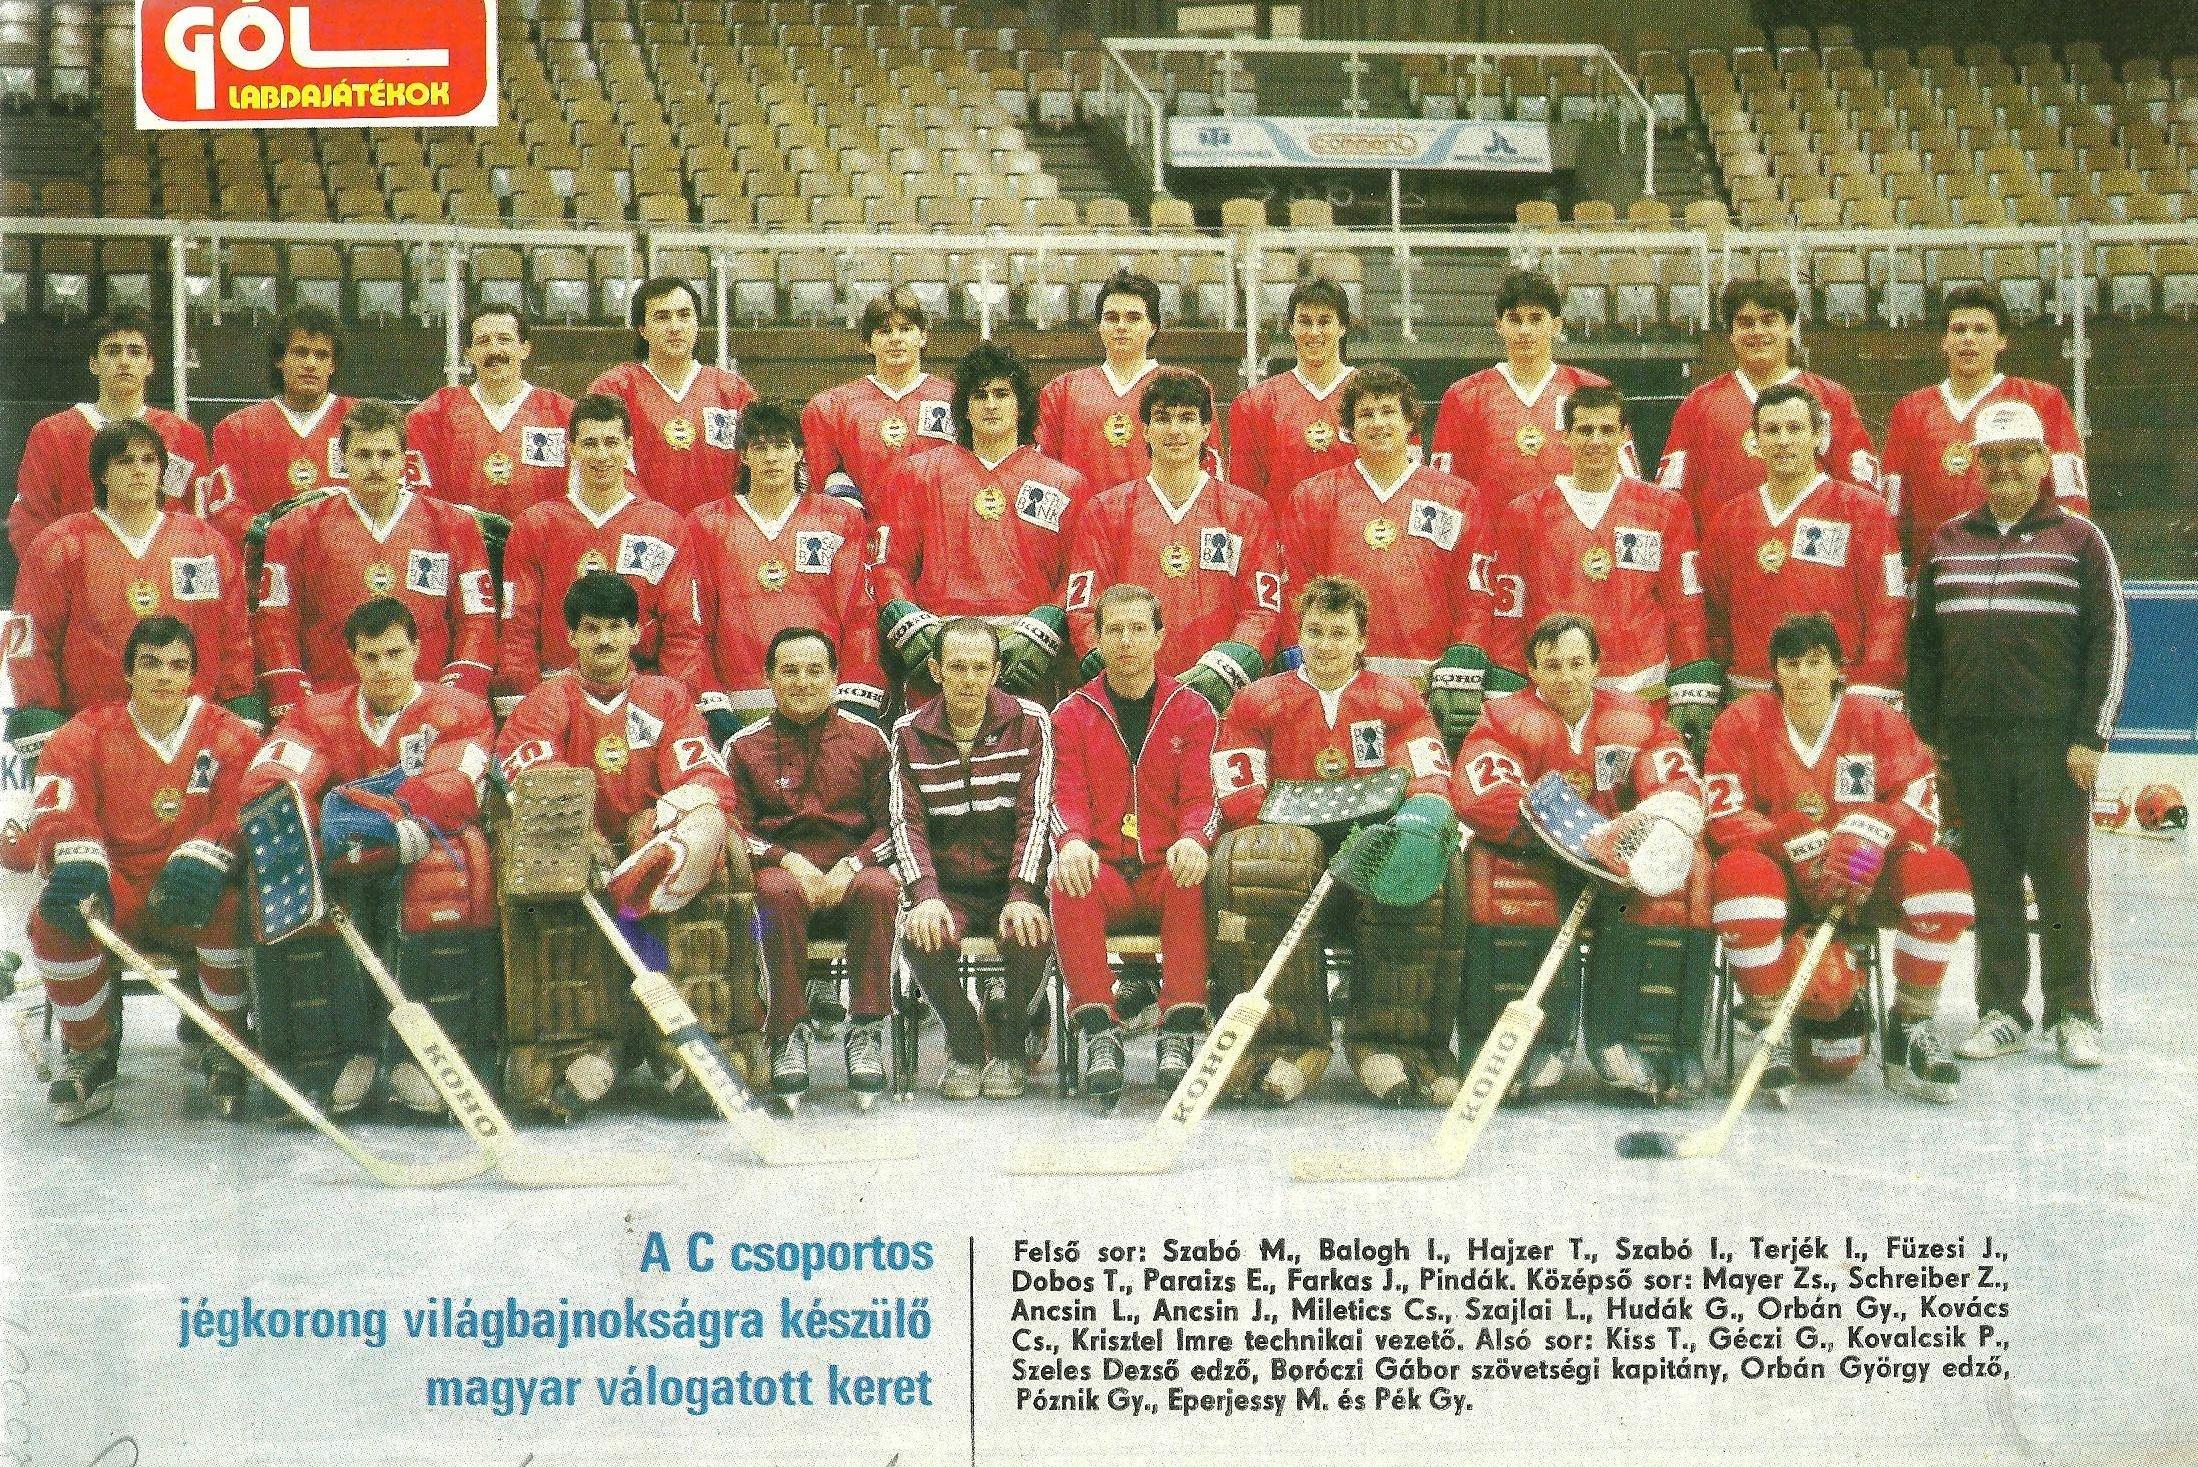 Венгрия-1989.jpg